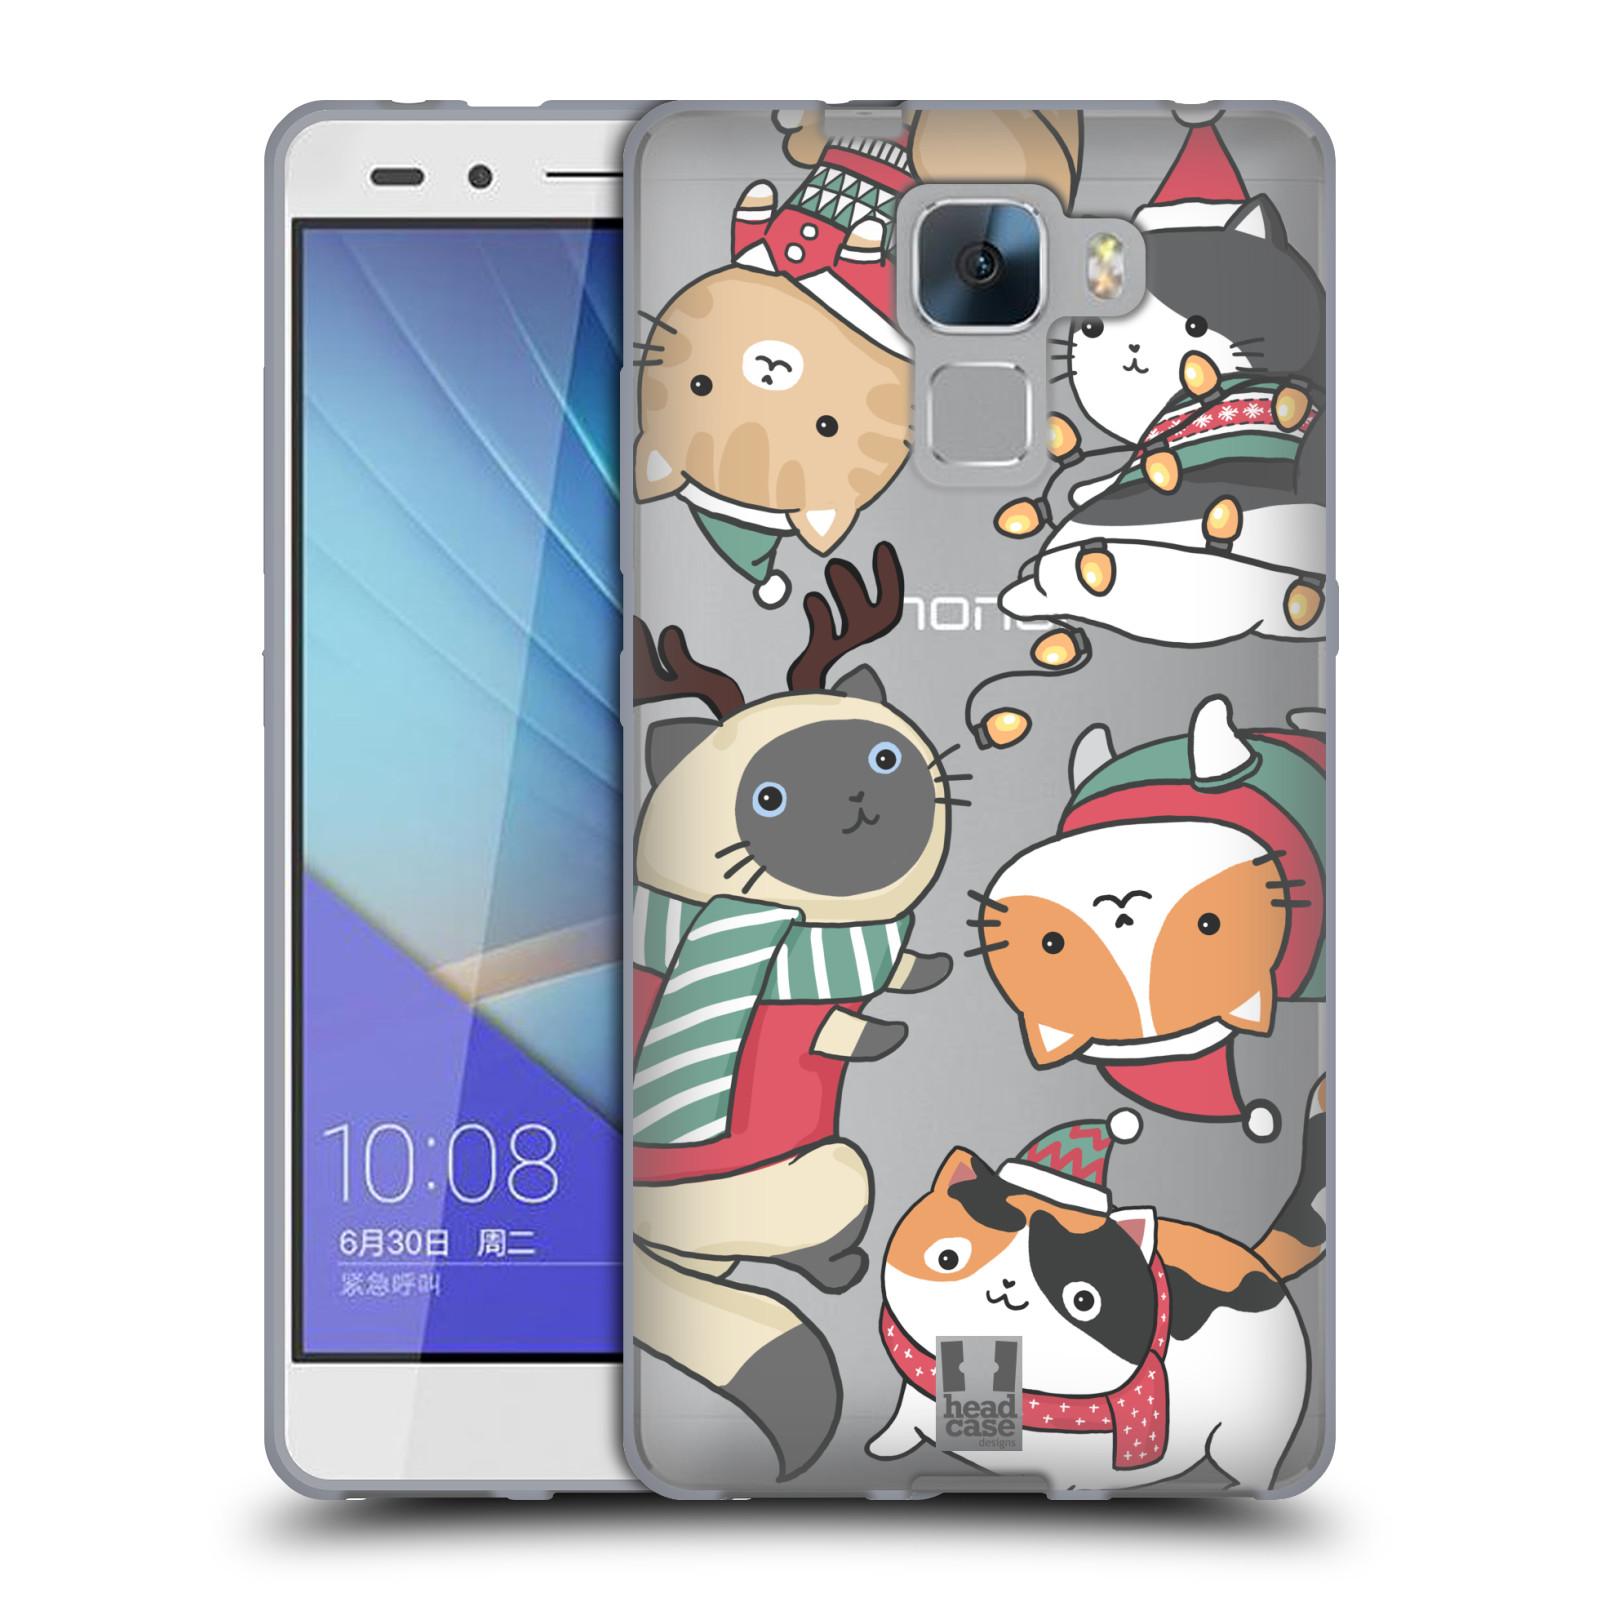 Silikonové pouzdro na mobil Honor 7 - Head Case - Vánoční kočičky